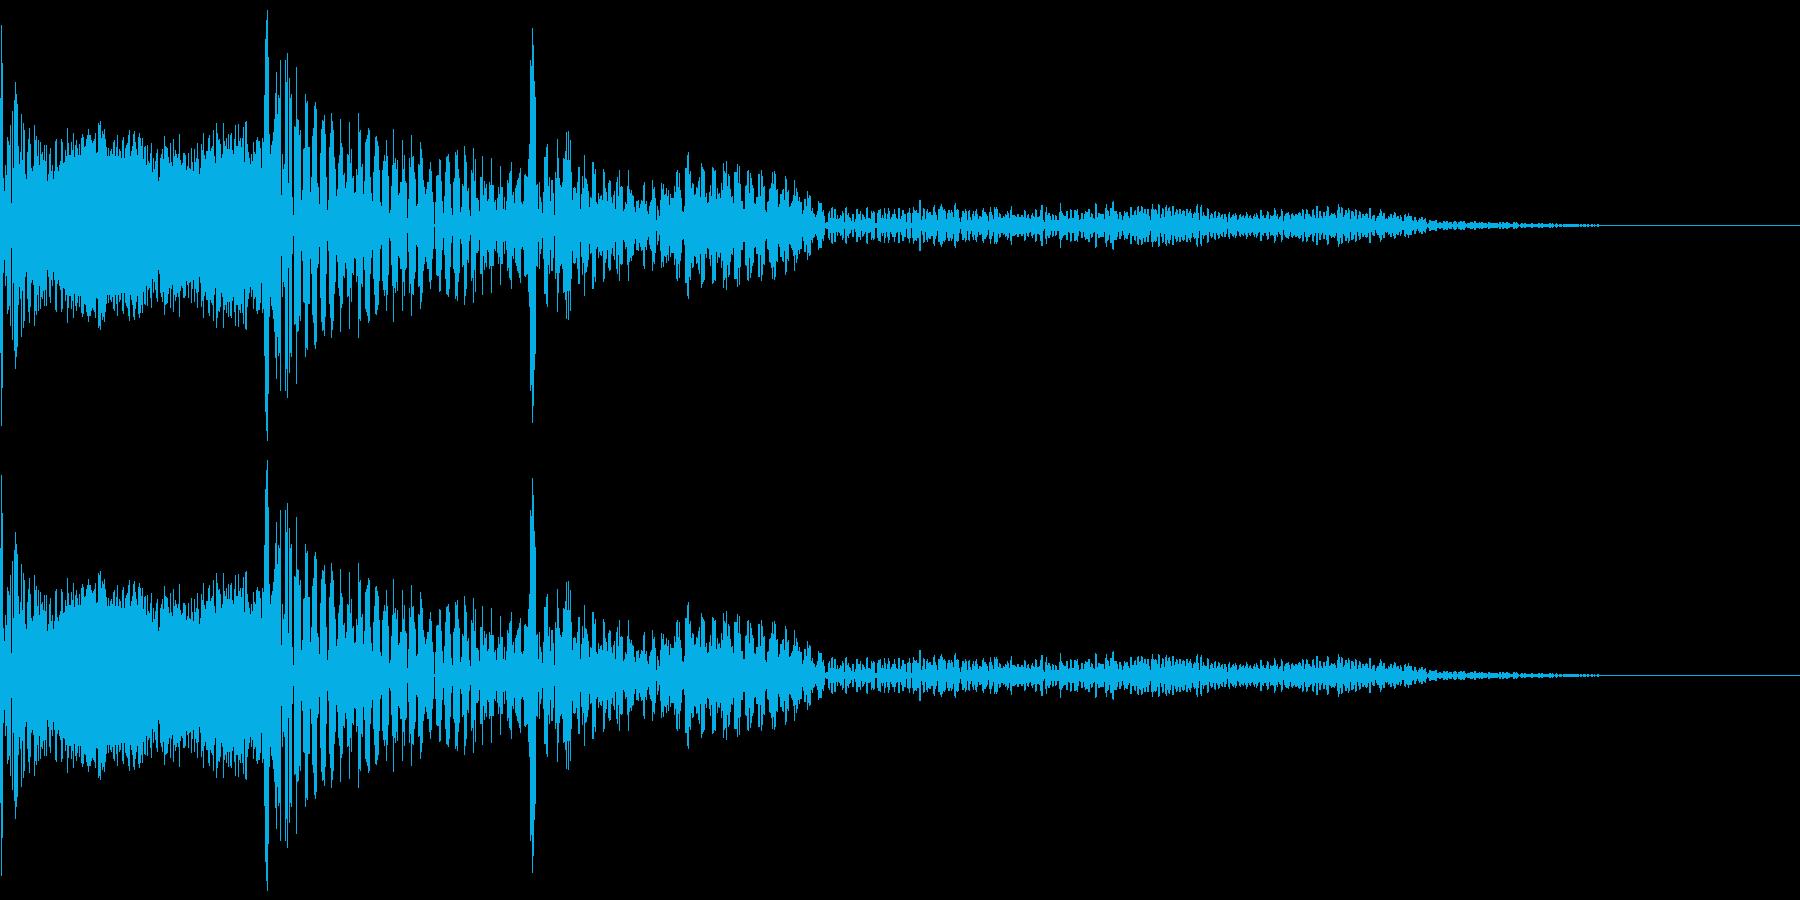 木琴で作った「キャンセル」の効果音の再生済みの波形